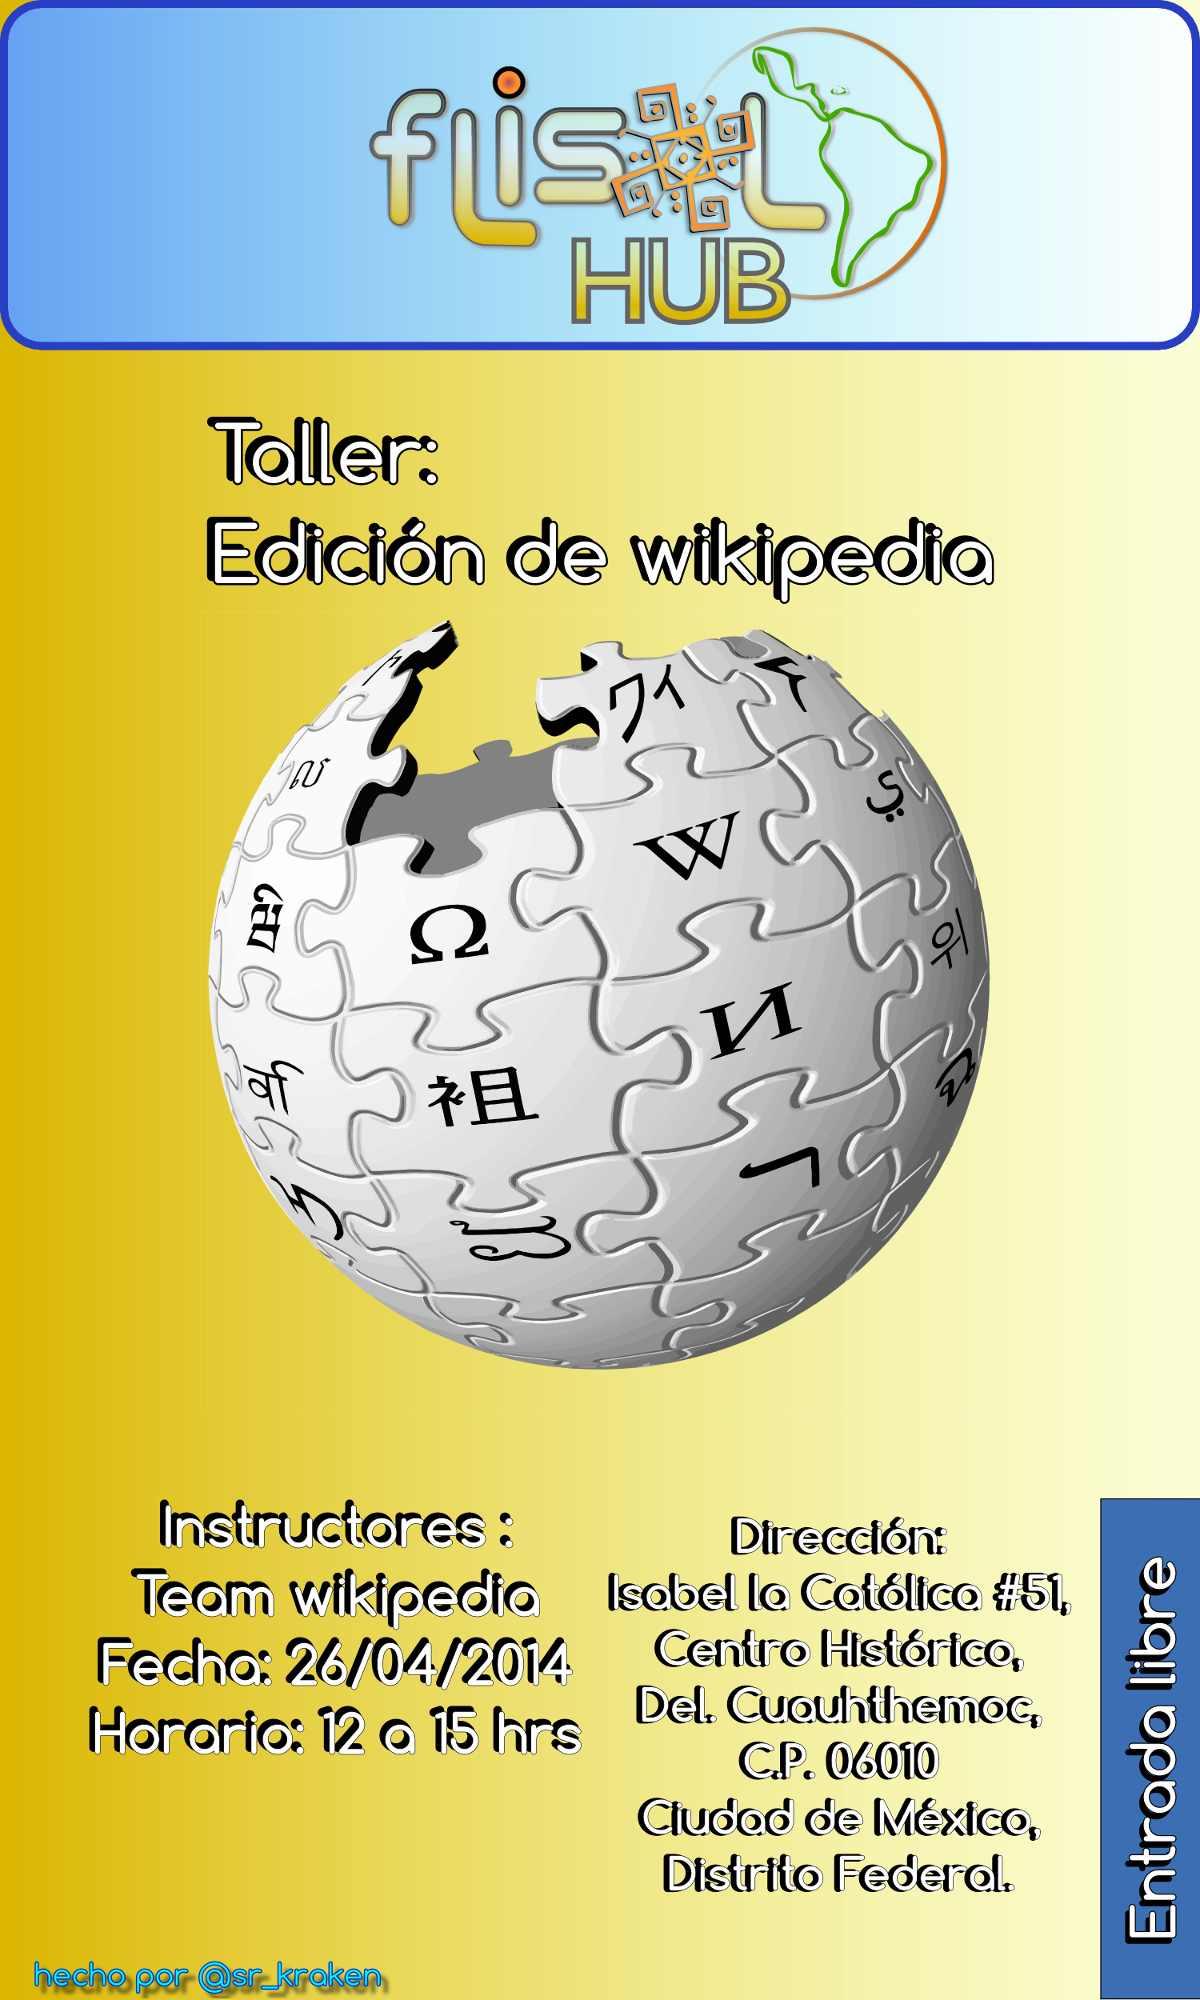 wiki_flisolHub